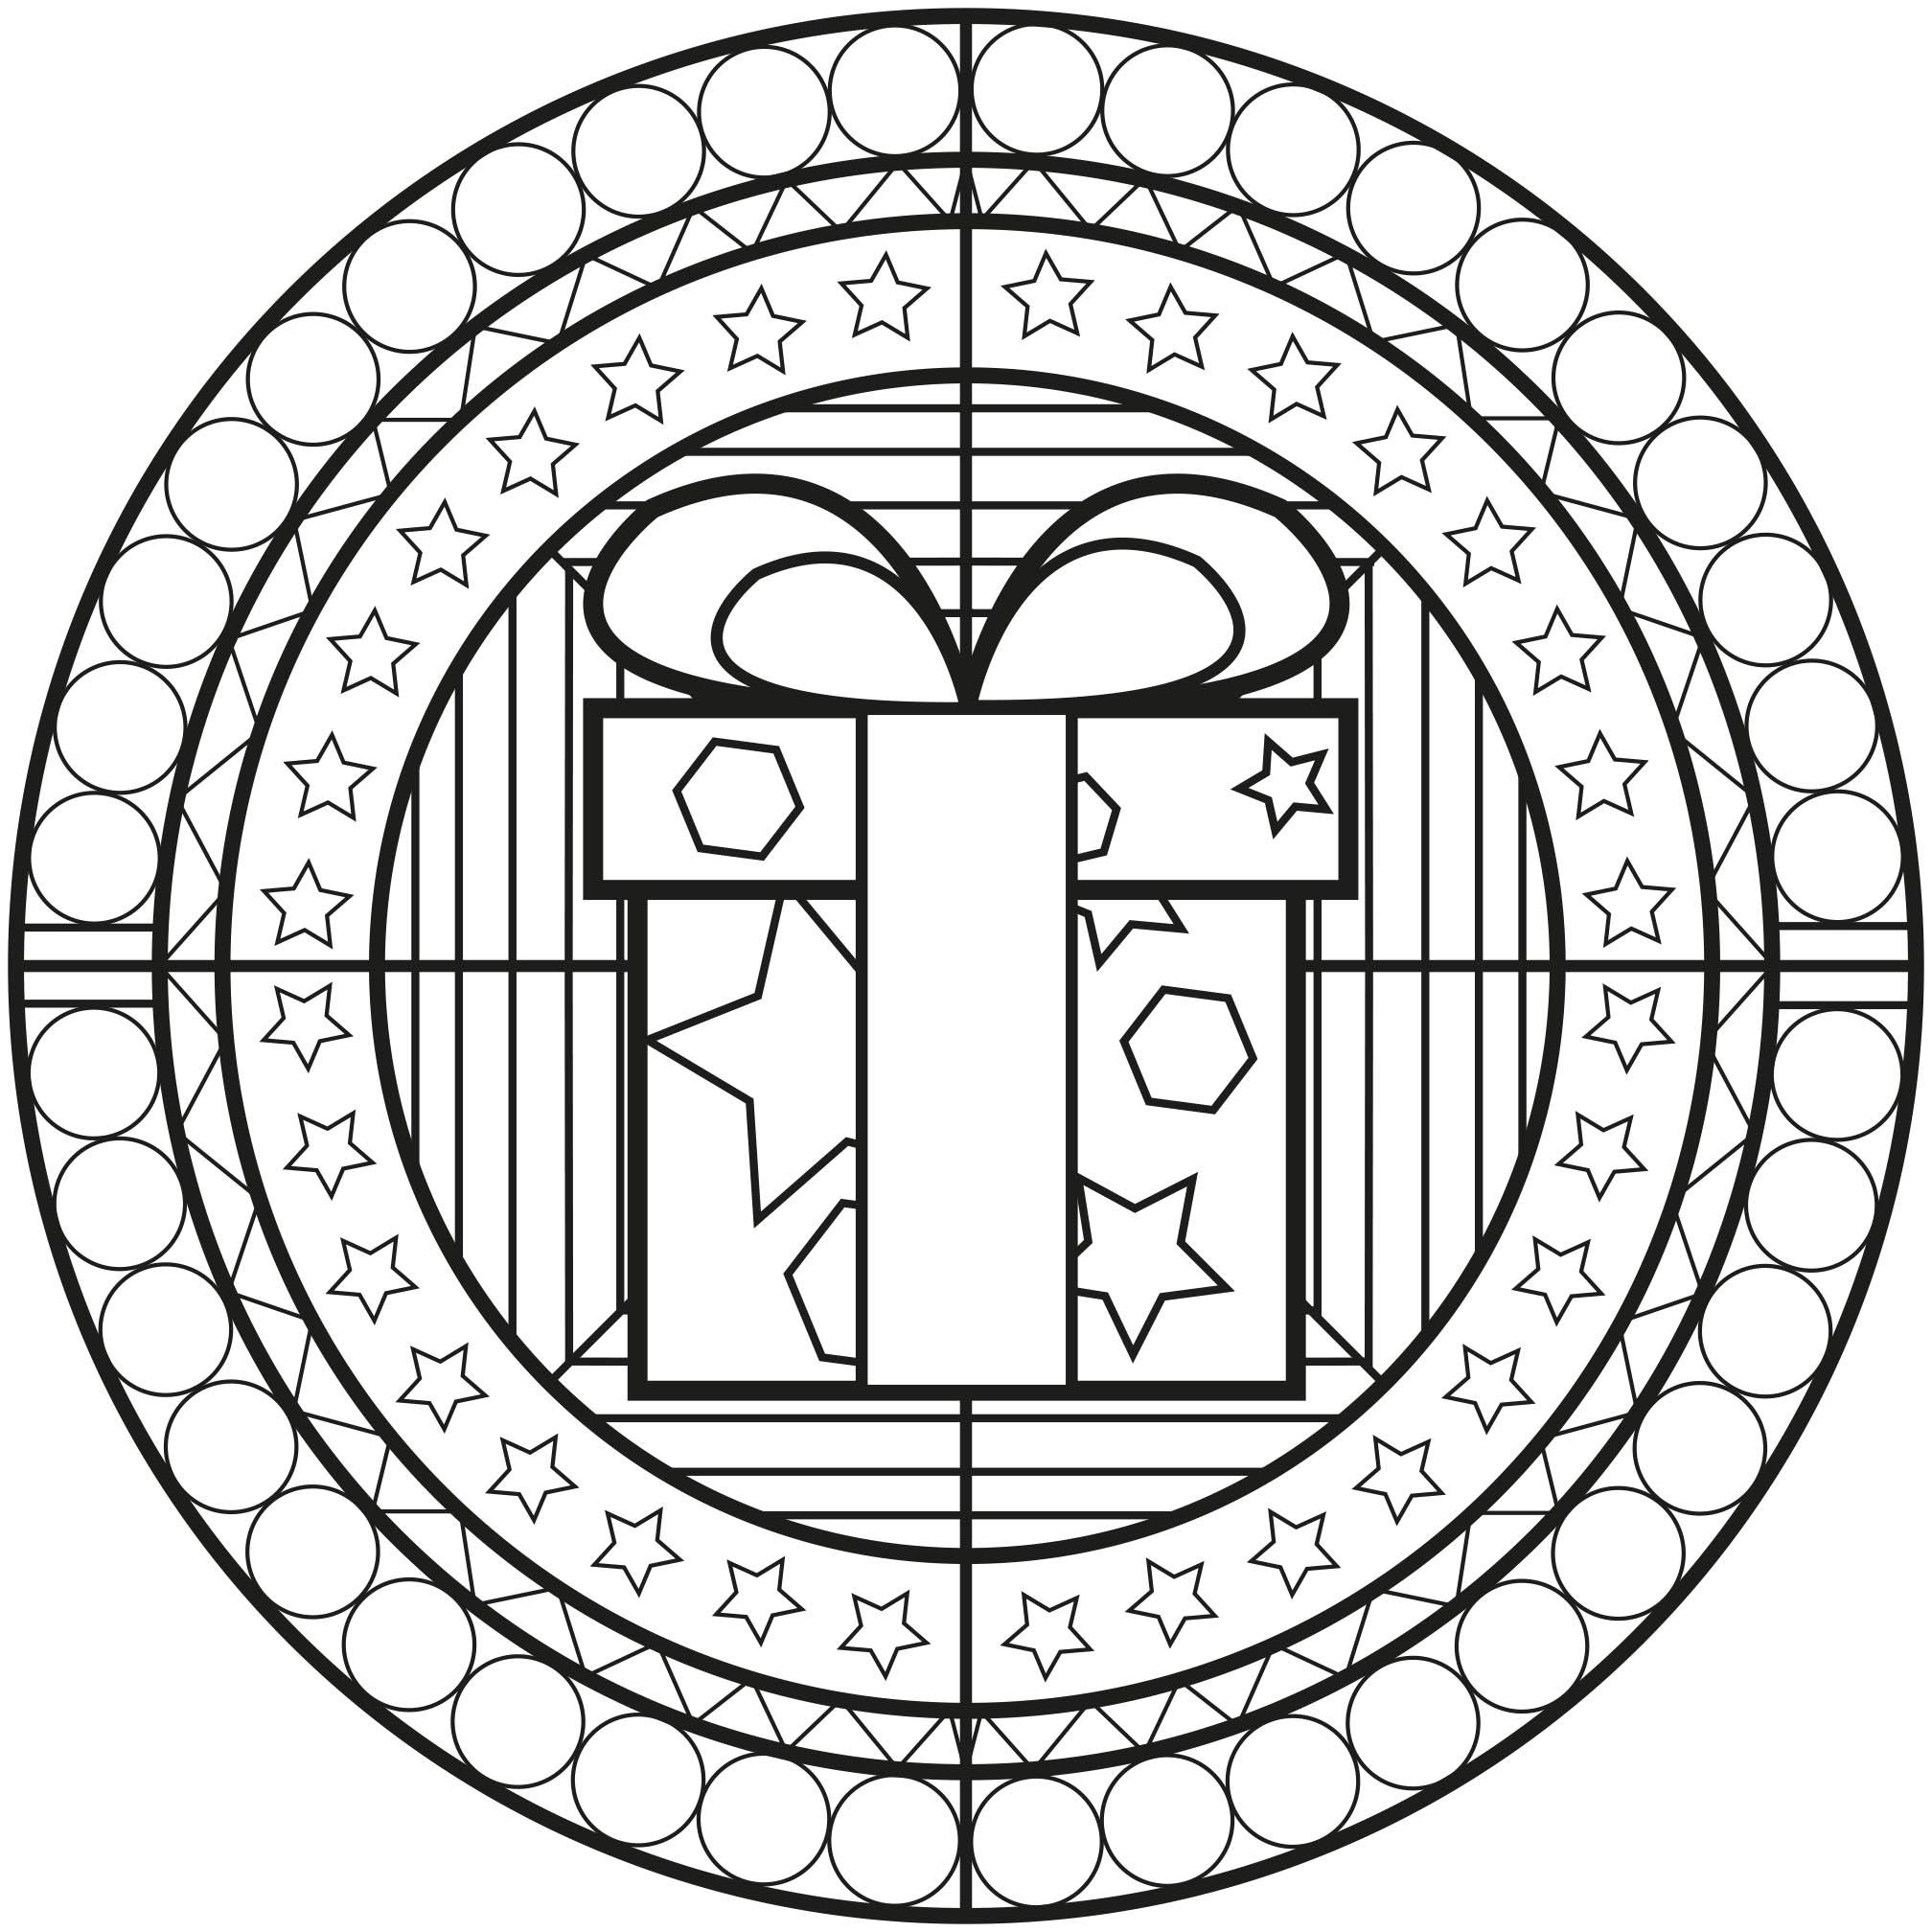 Coloriage De Noel à Imprimer Gratuit Mandala : mandala noel2 mandalas coloriages difficiles pour adultes ~ Pogadajmy.info Styles, Décorations et Voitures